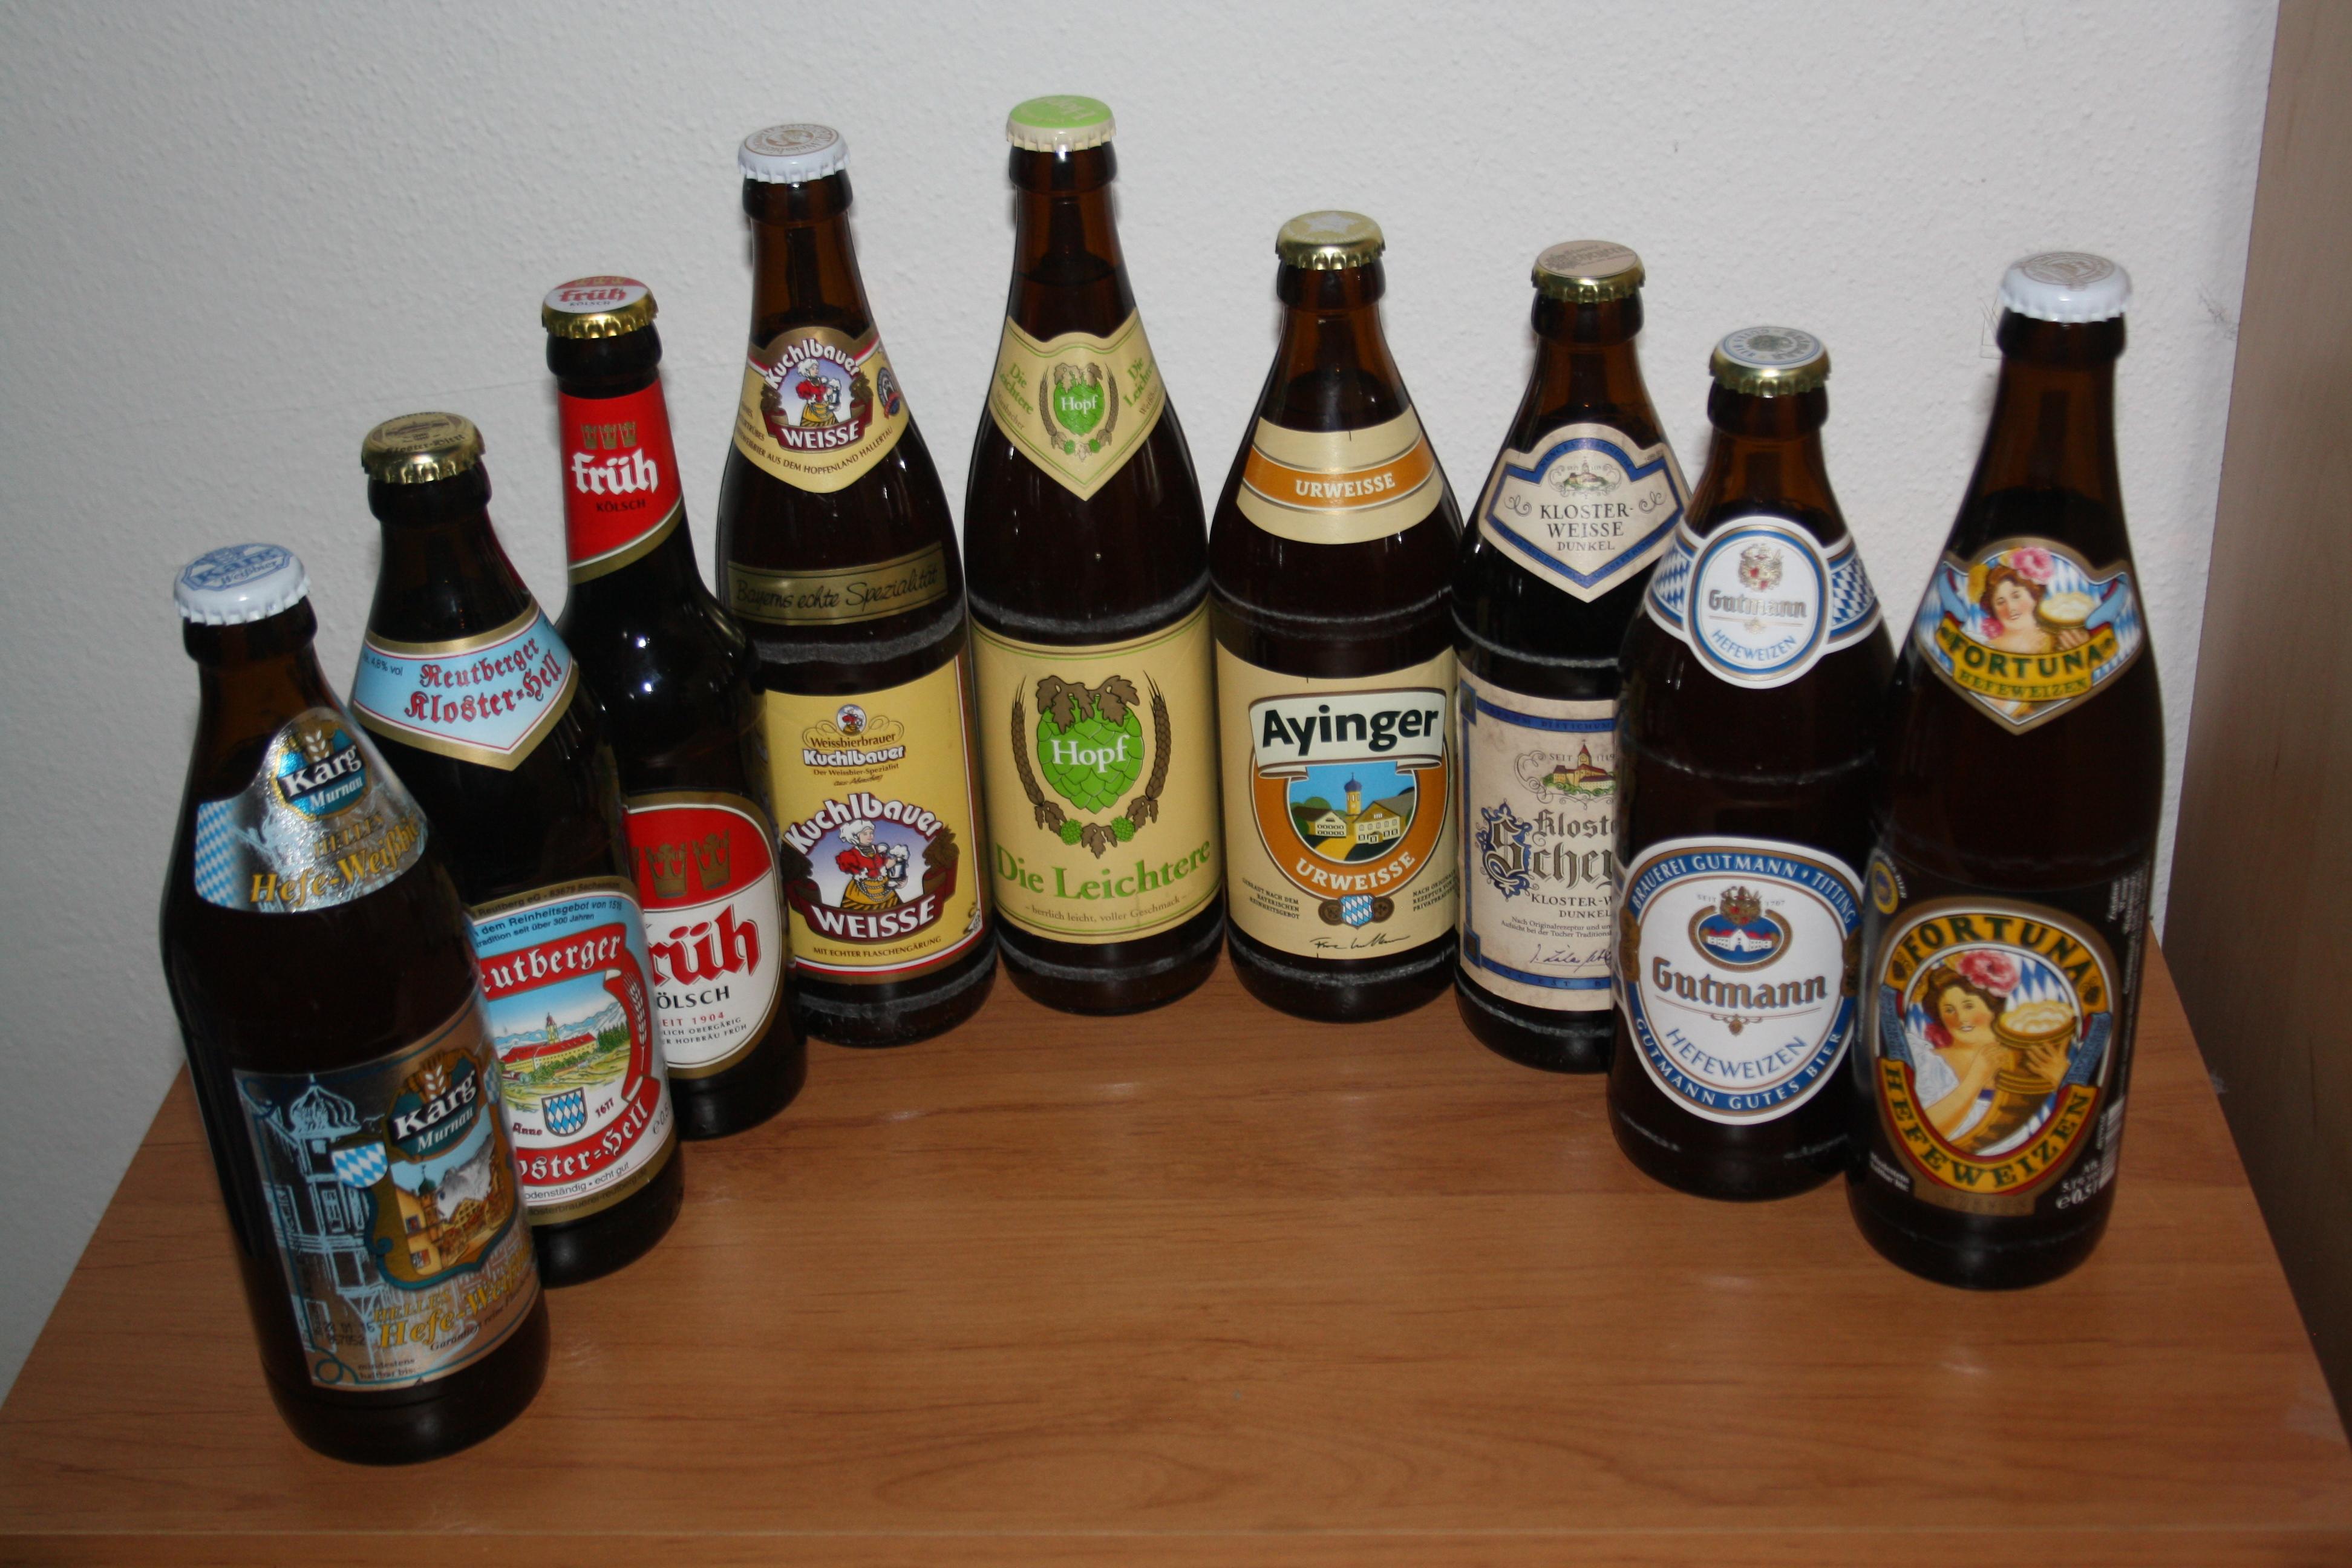 bierabo - die monatliche bierlieferung | bier adventskalender 2018